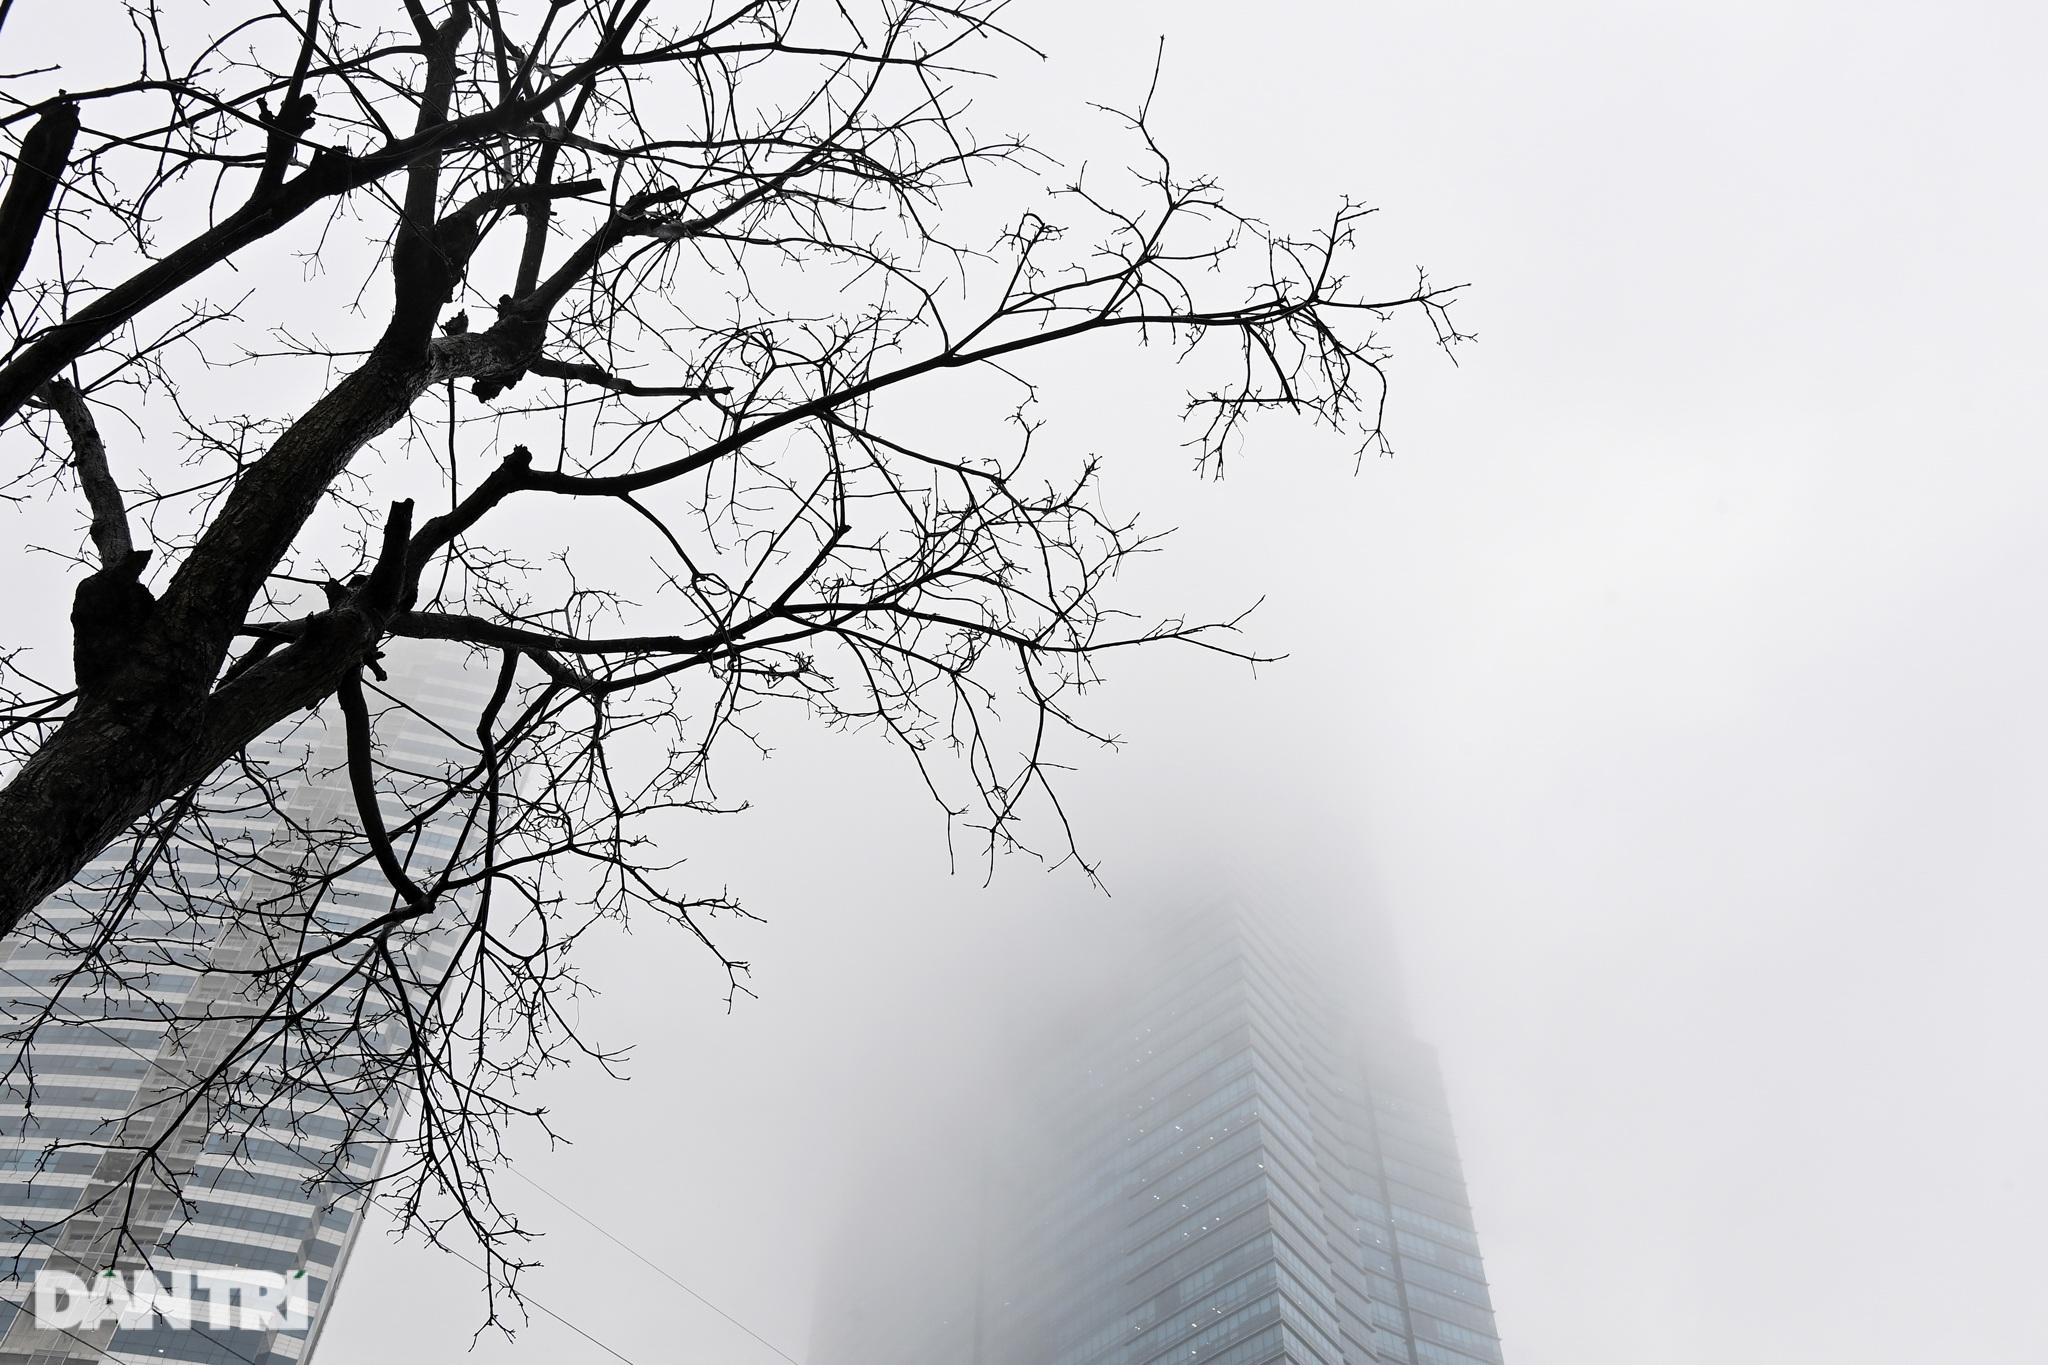 Những tòa nhà chọc trời ở Hà Nội biến mất trong làn sương dày đặc - 11